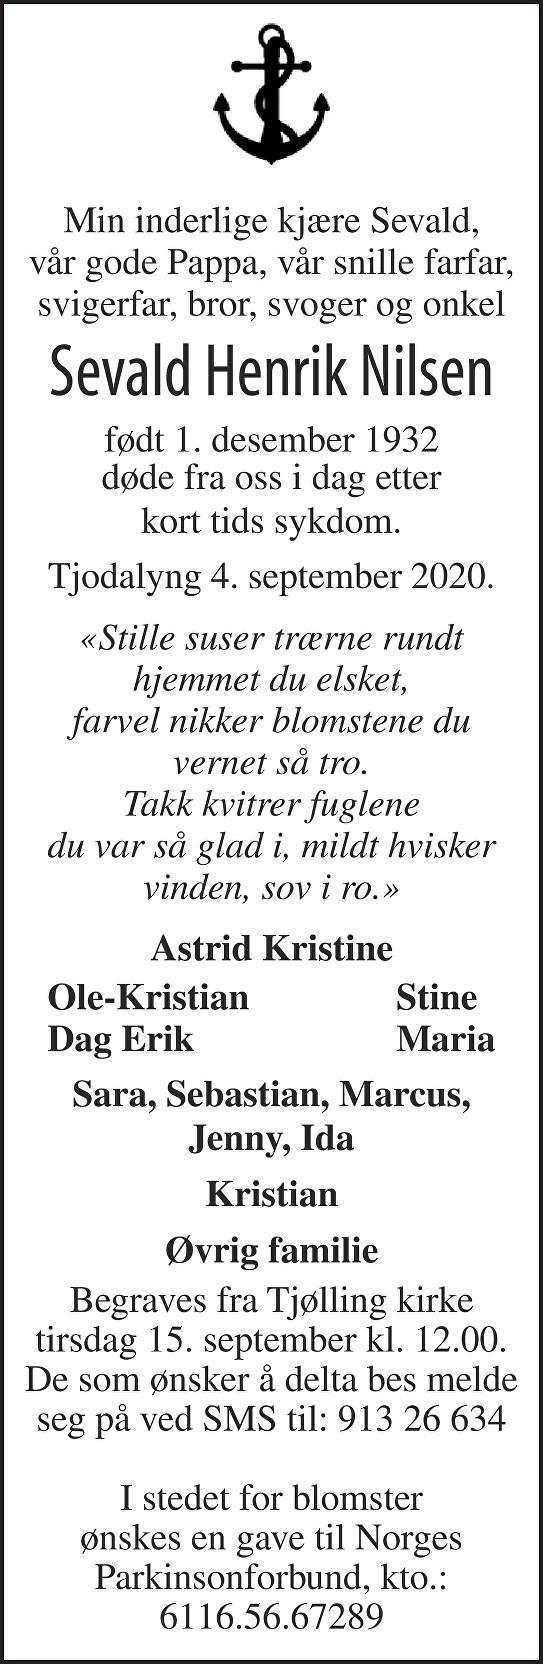 Sevald Henrik Nilsen Dødsannonse